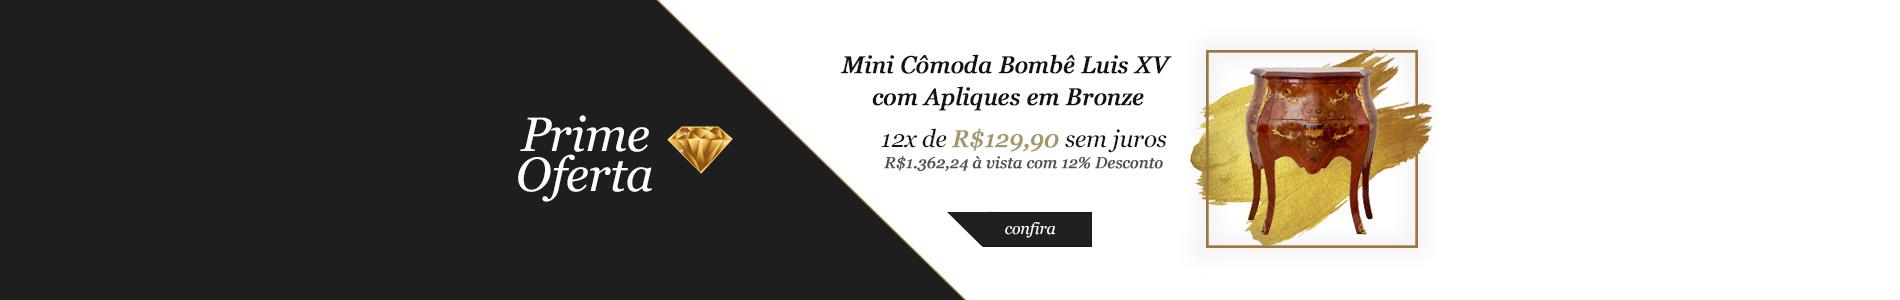 Prime Oferta - Mini Cômoda Bombê Luis XV